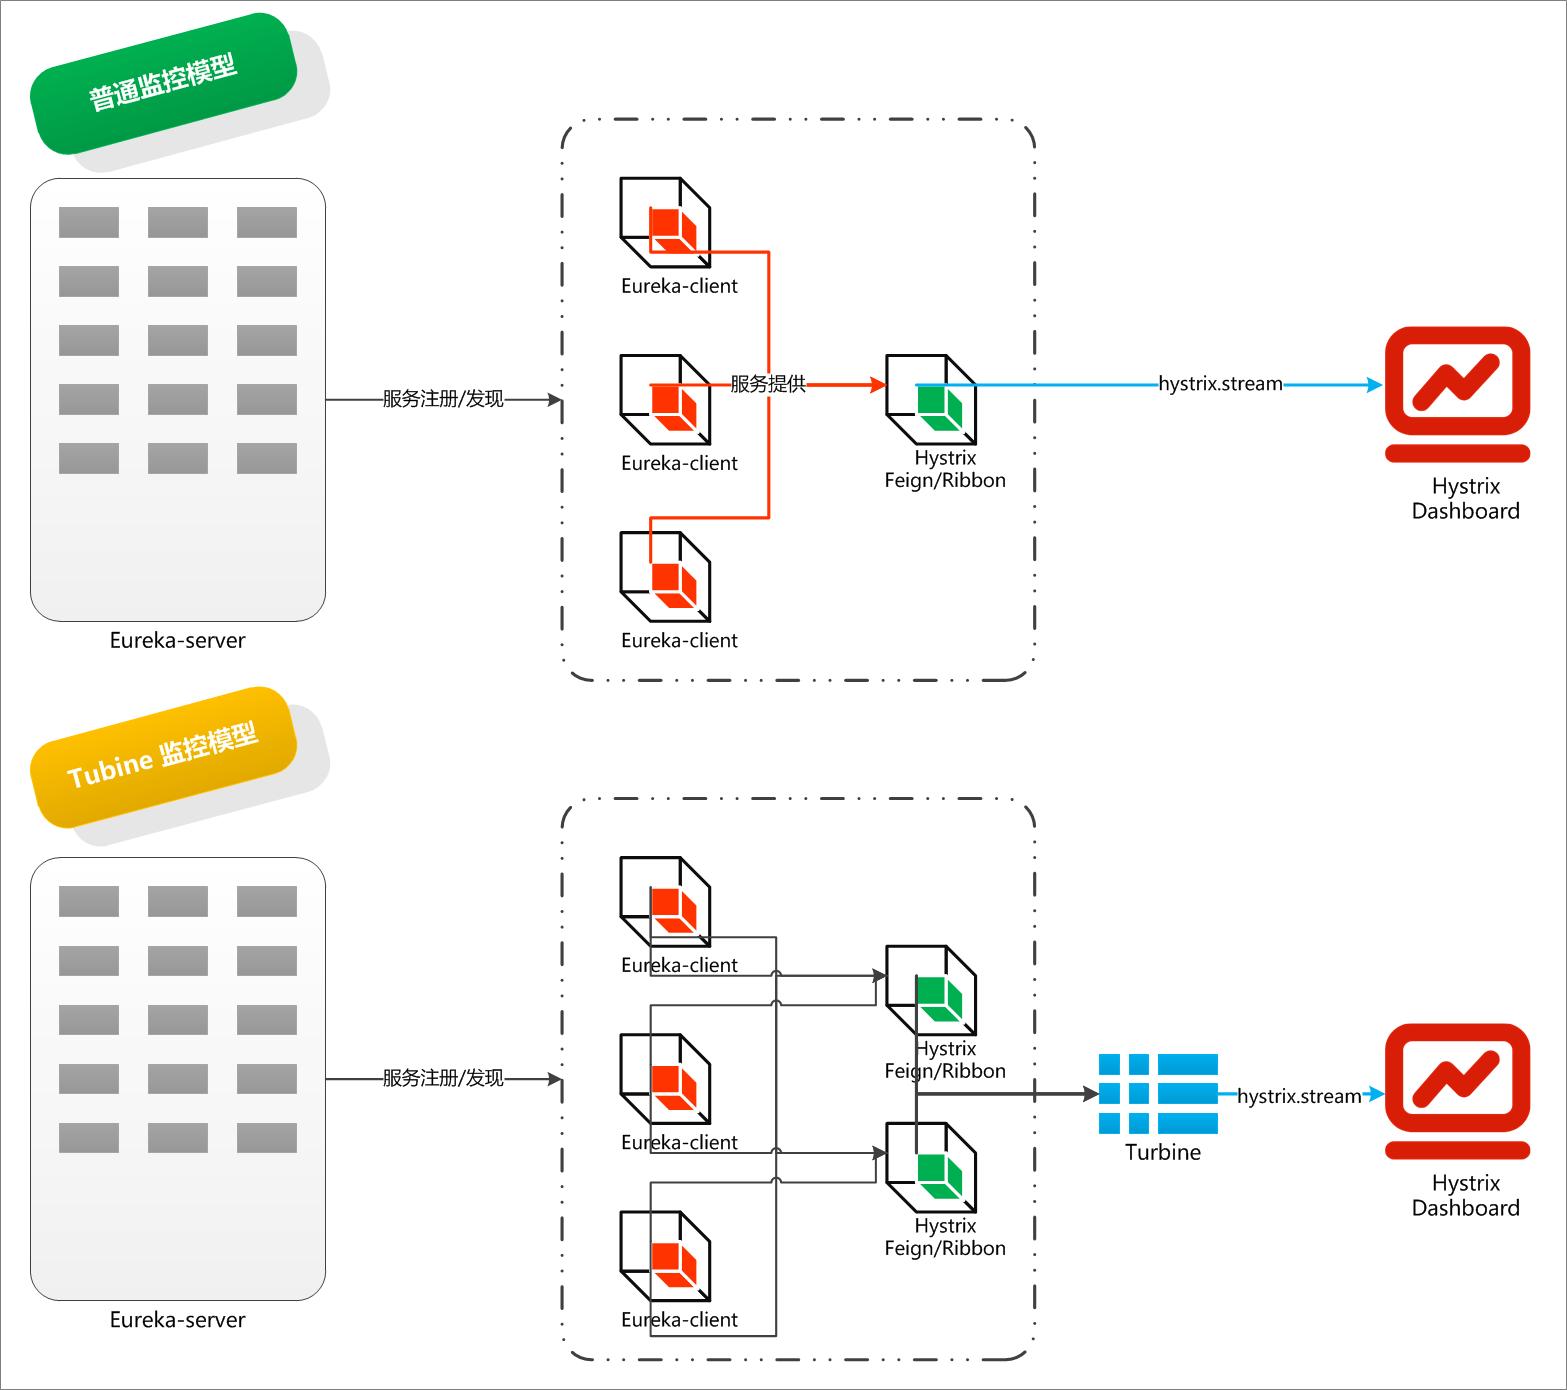 微信公众号:bugstack虫洞栈 & Turbine监控模型